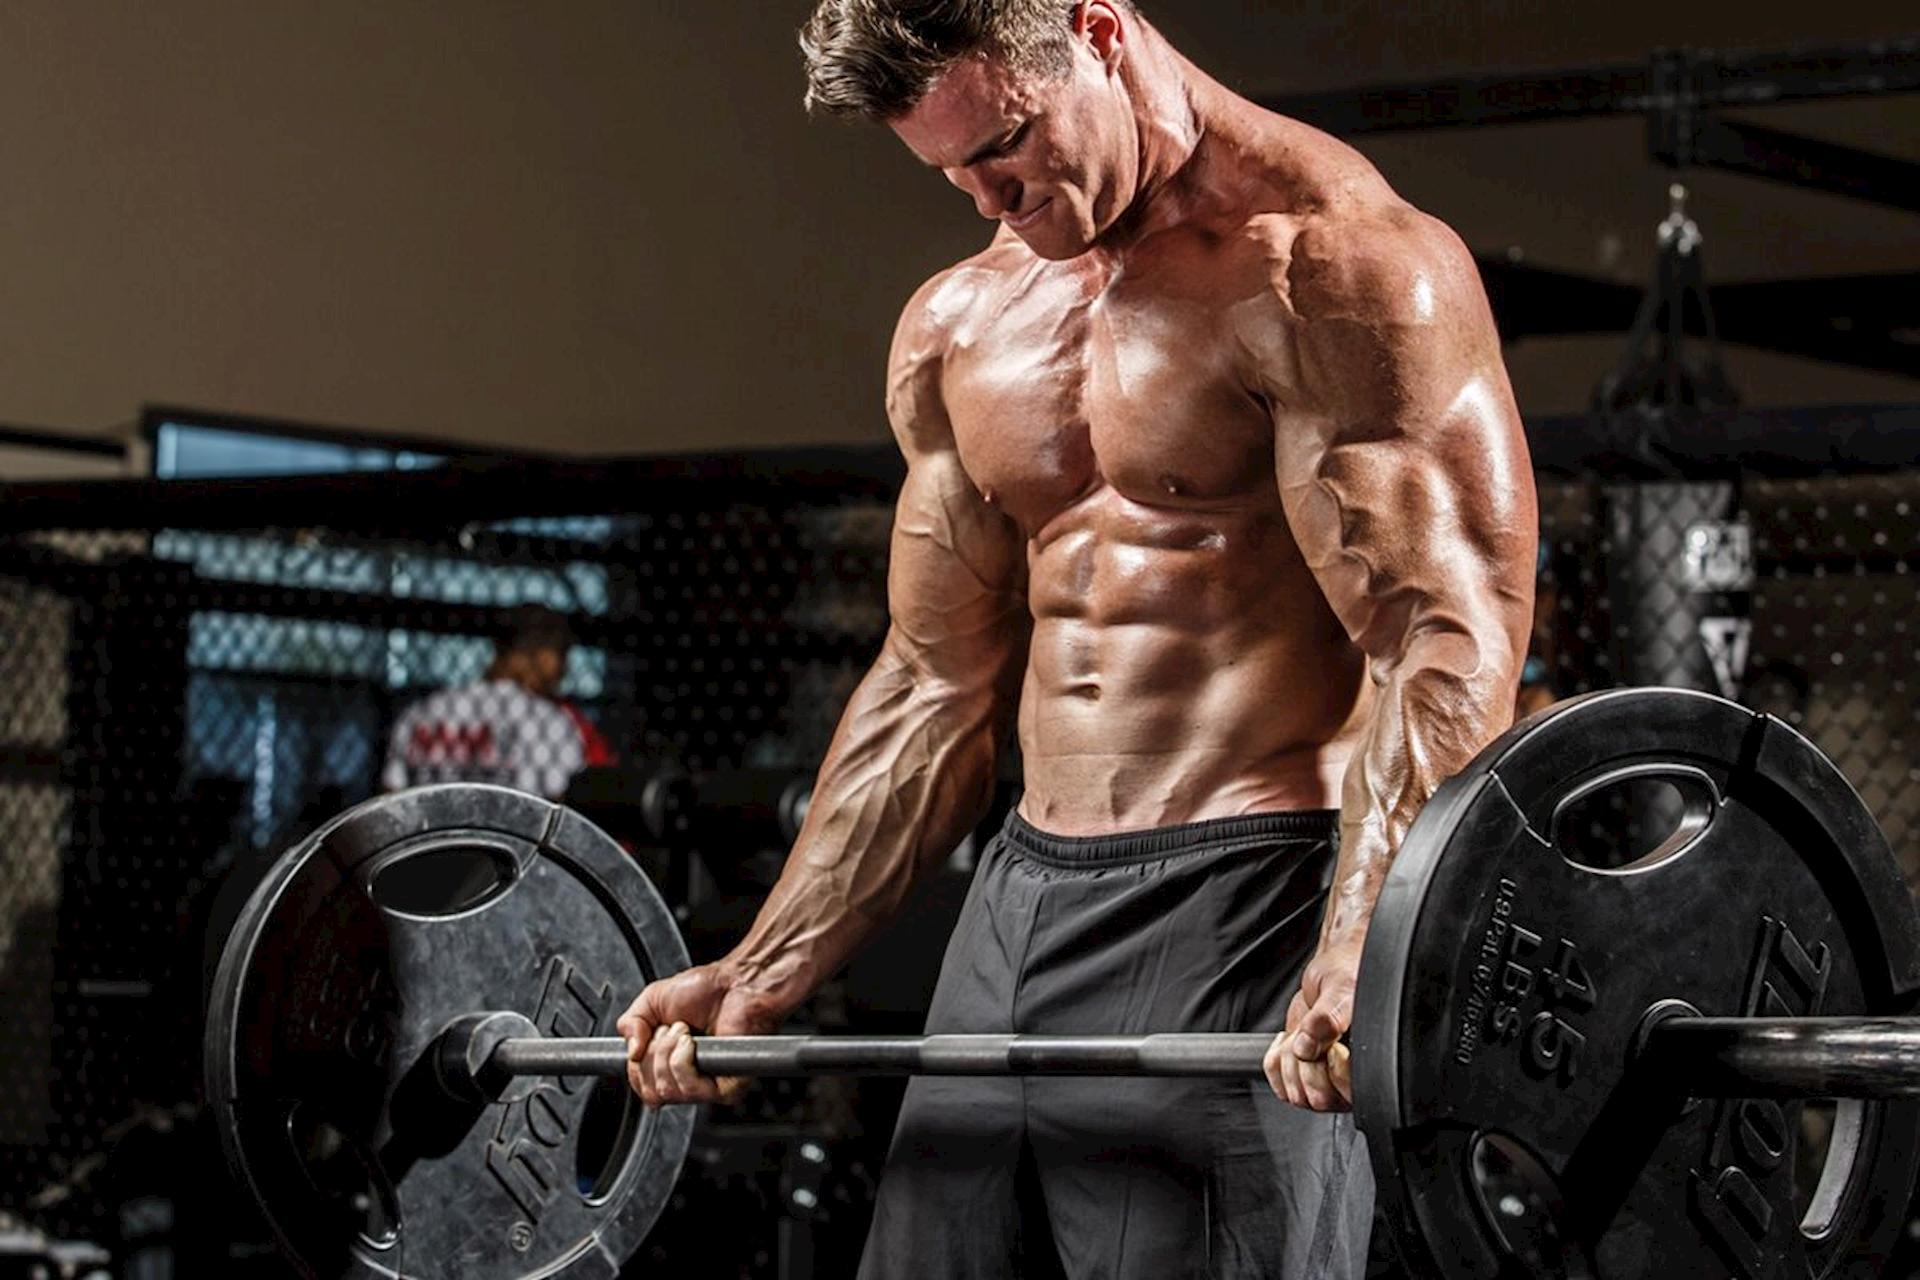 Mới bắt đầu tập gym thì nên tập gì?